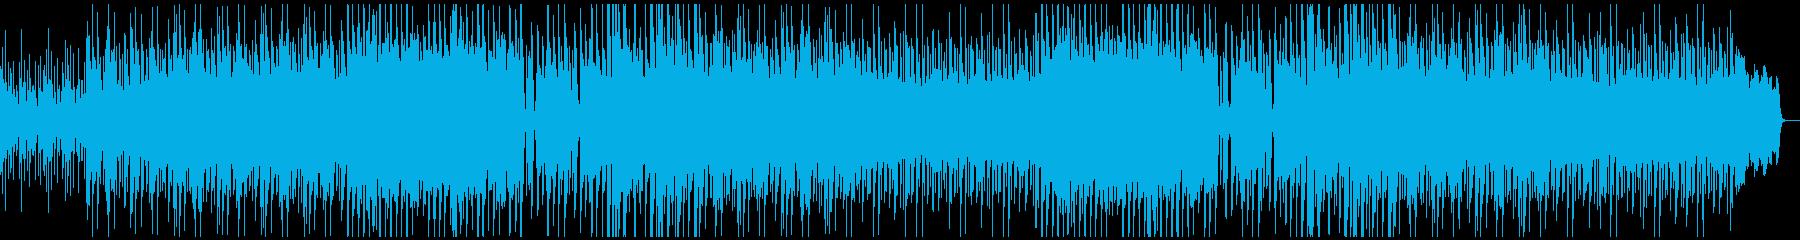 透明感のある、おだやかで使いやすいBGMの再生済みの波形